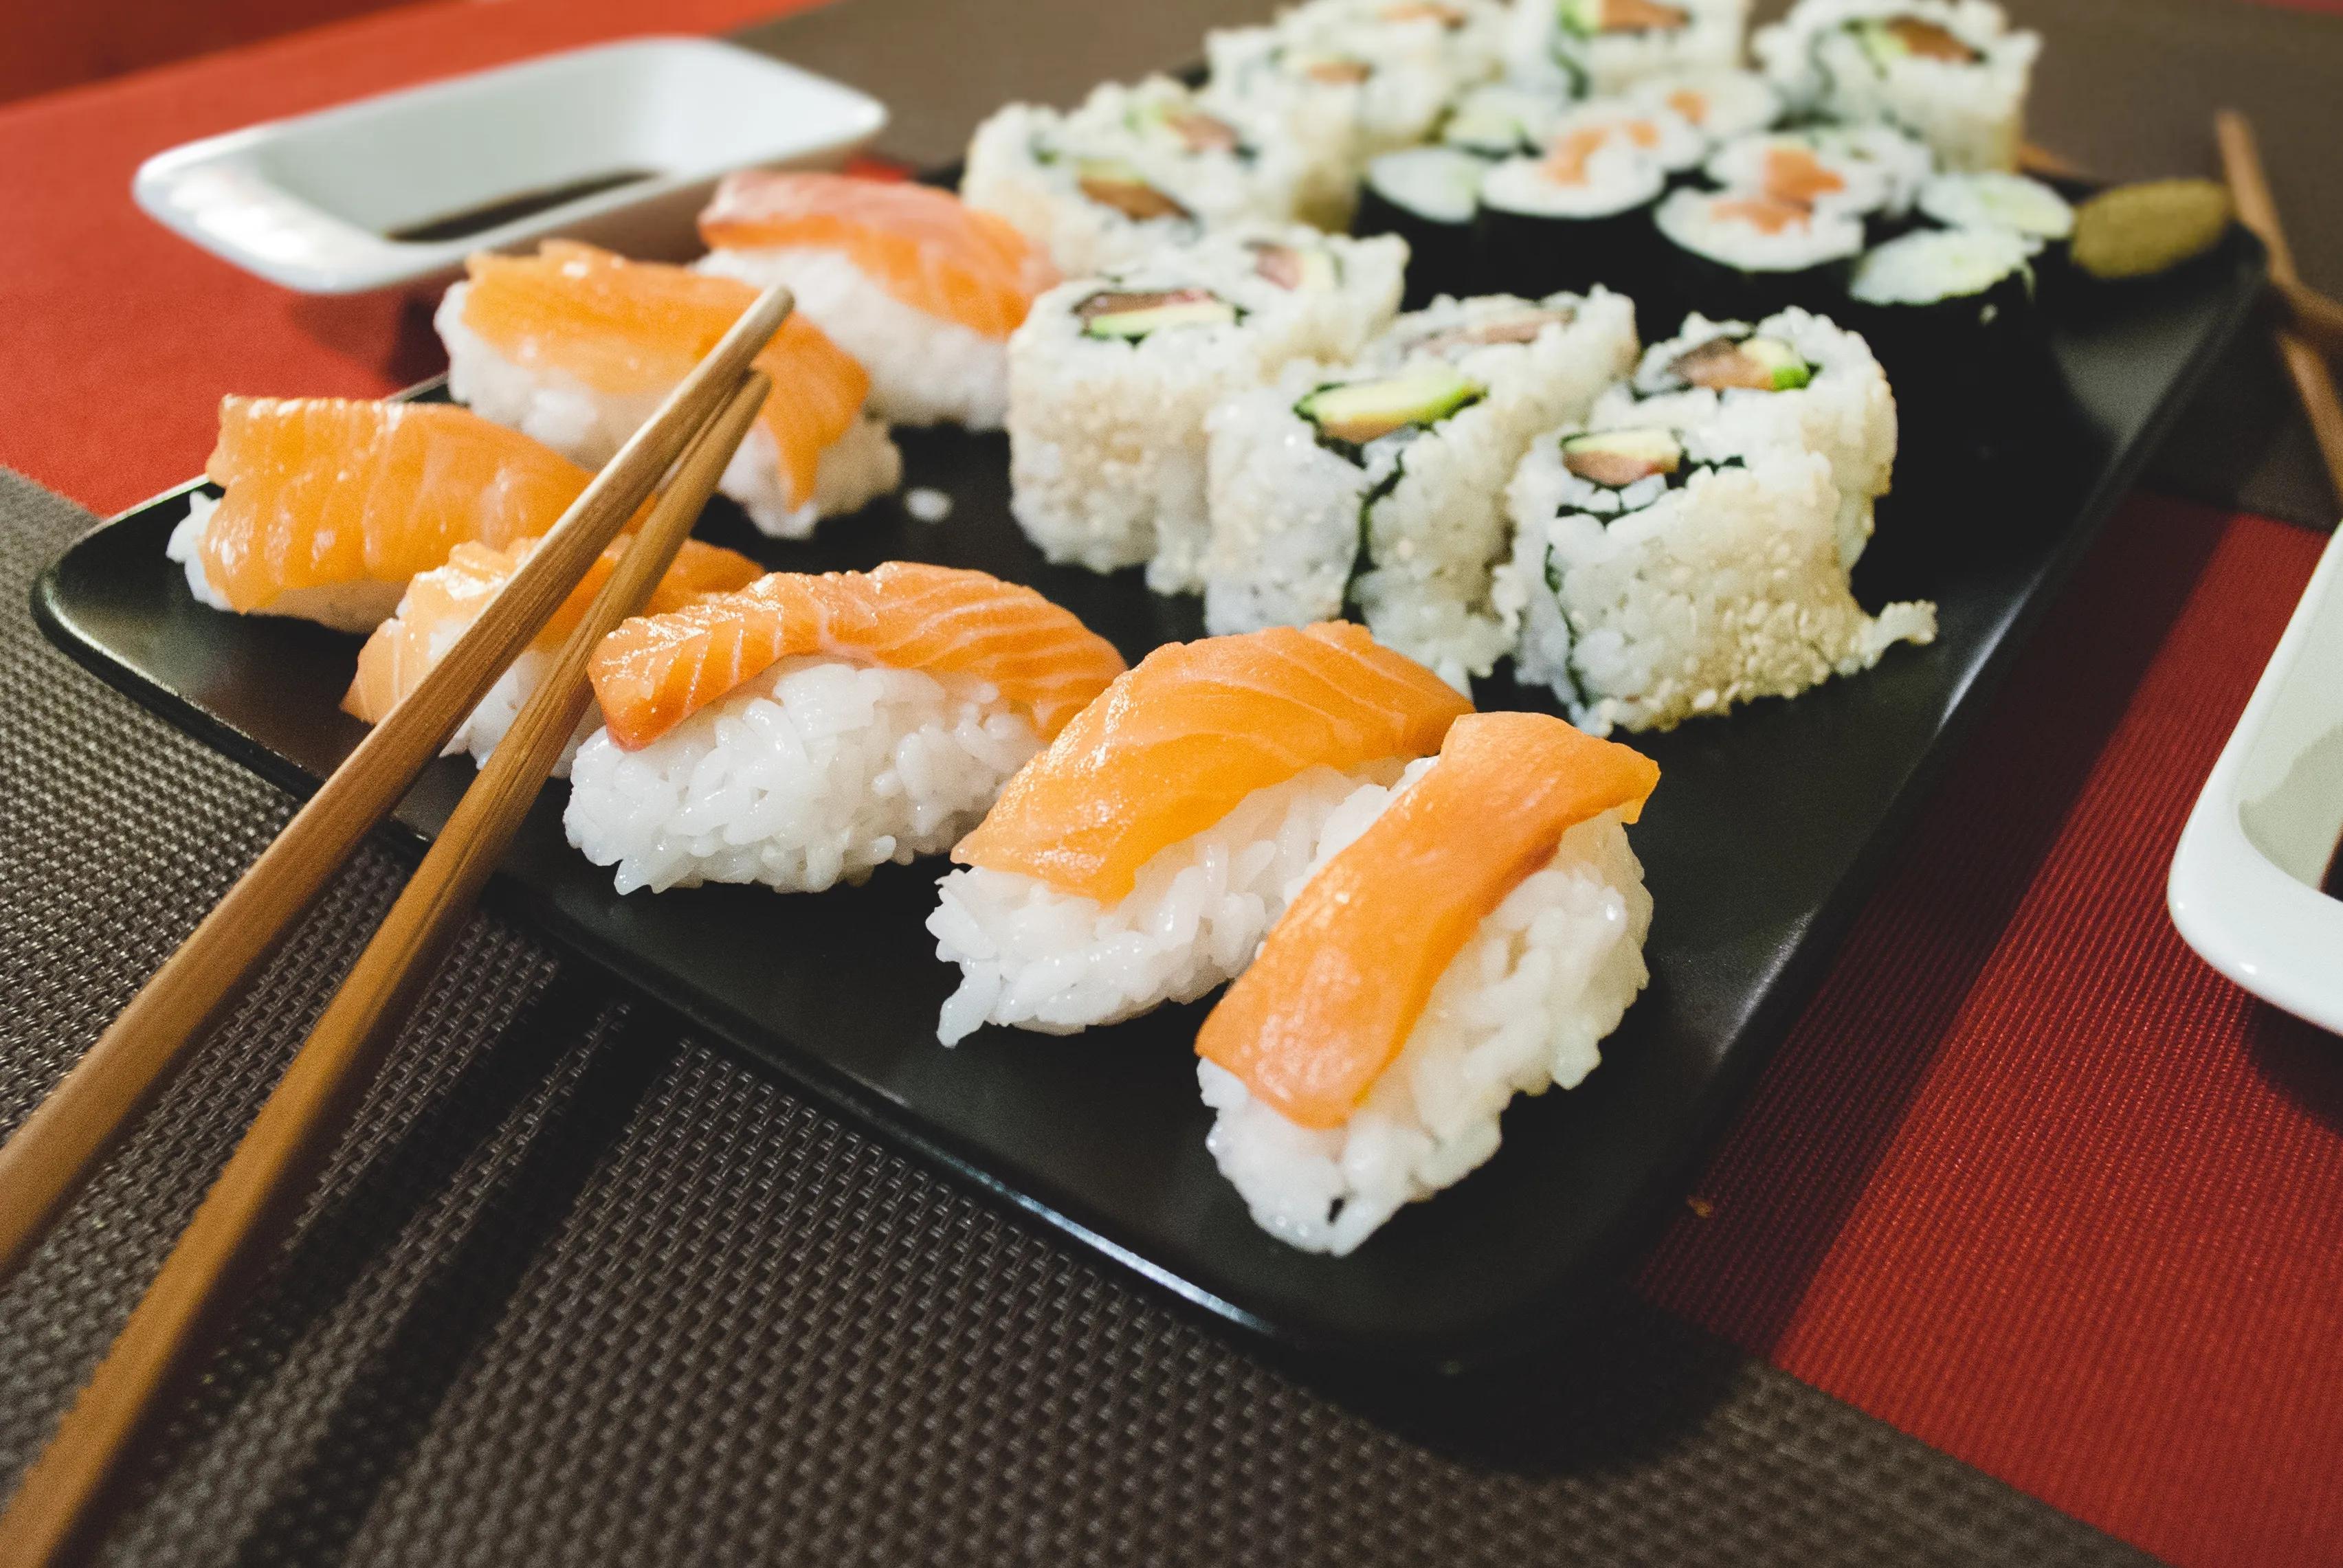 Homemade sushi salmon nigiri